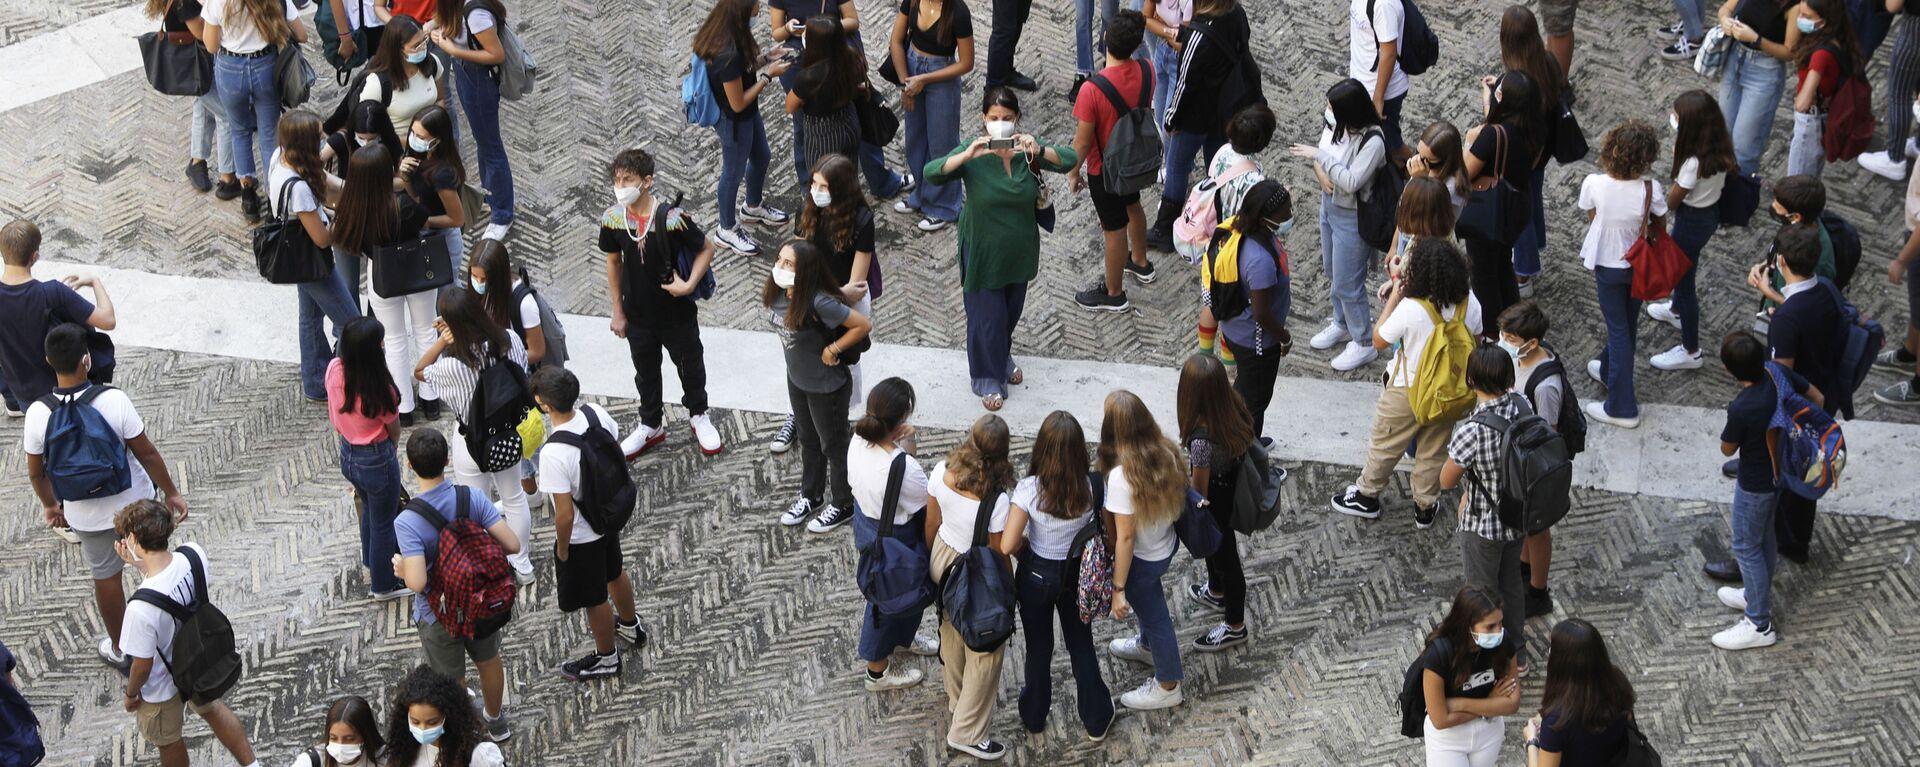 Studenti con mascherine - Sputnik Italia, 1920, 12.02.2021